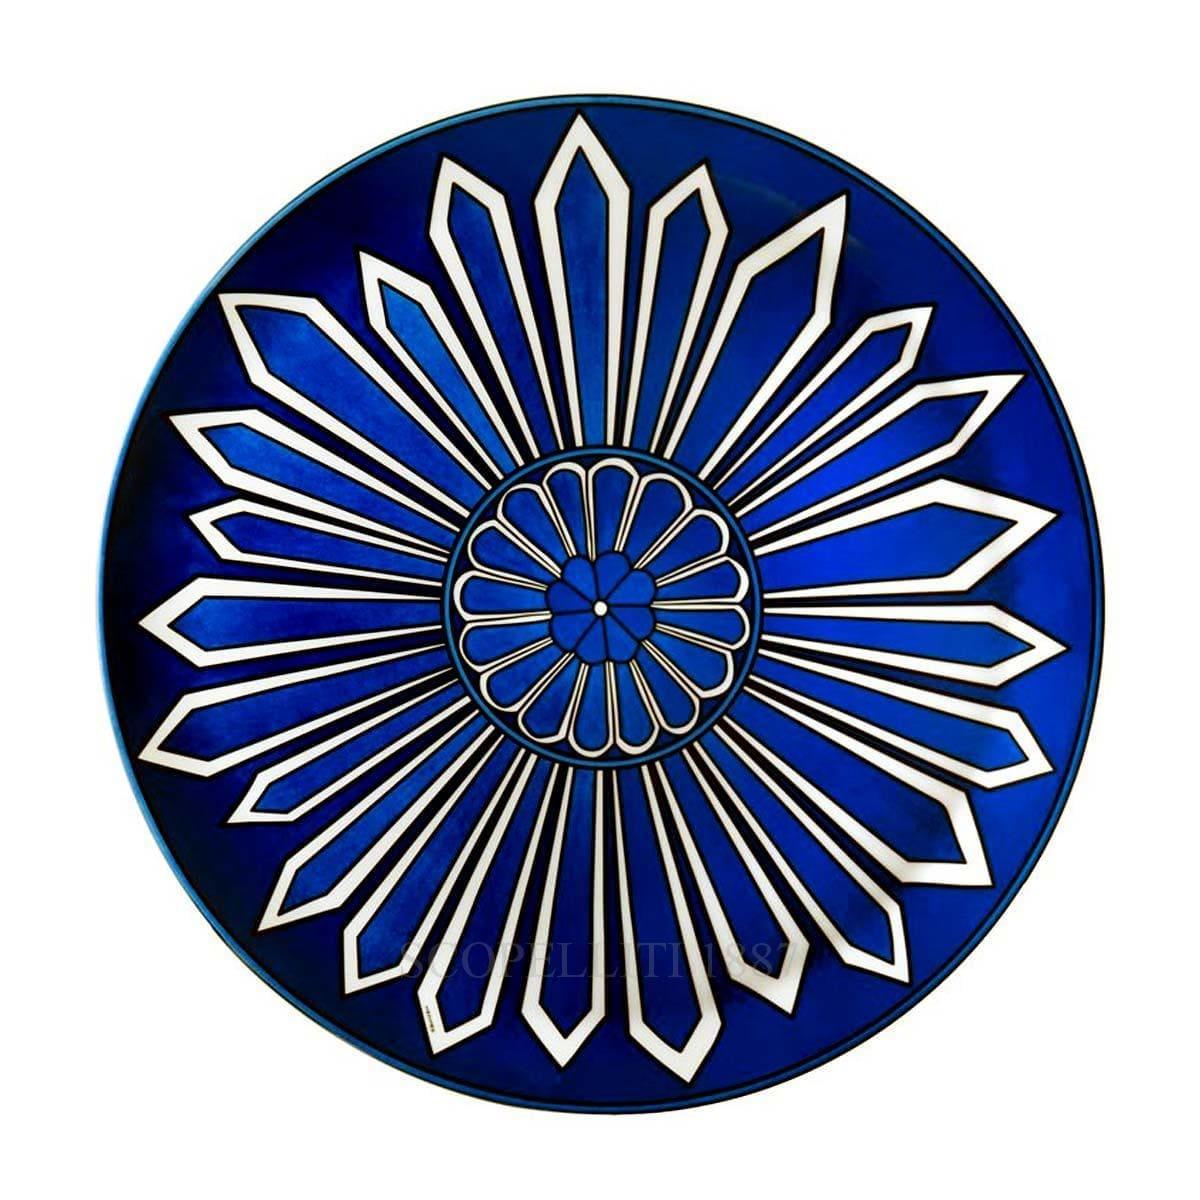 hermes paris bleus dailleurs designer porcelain tart platter